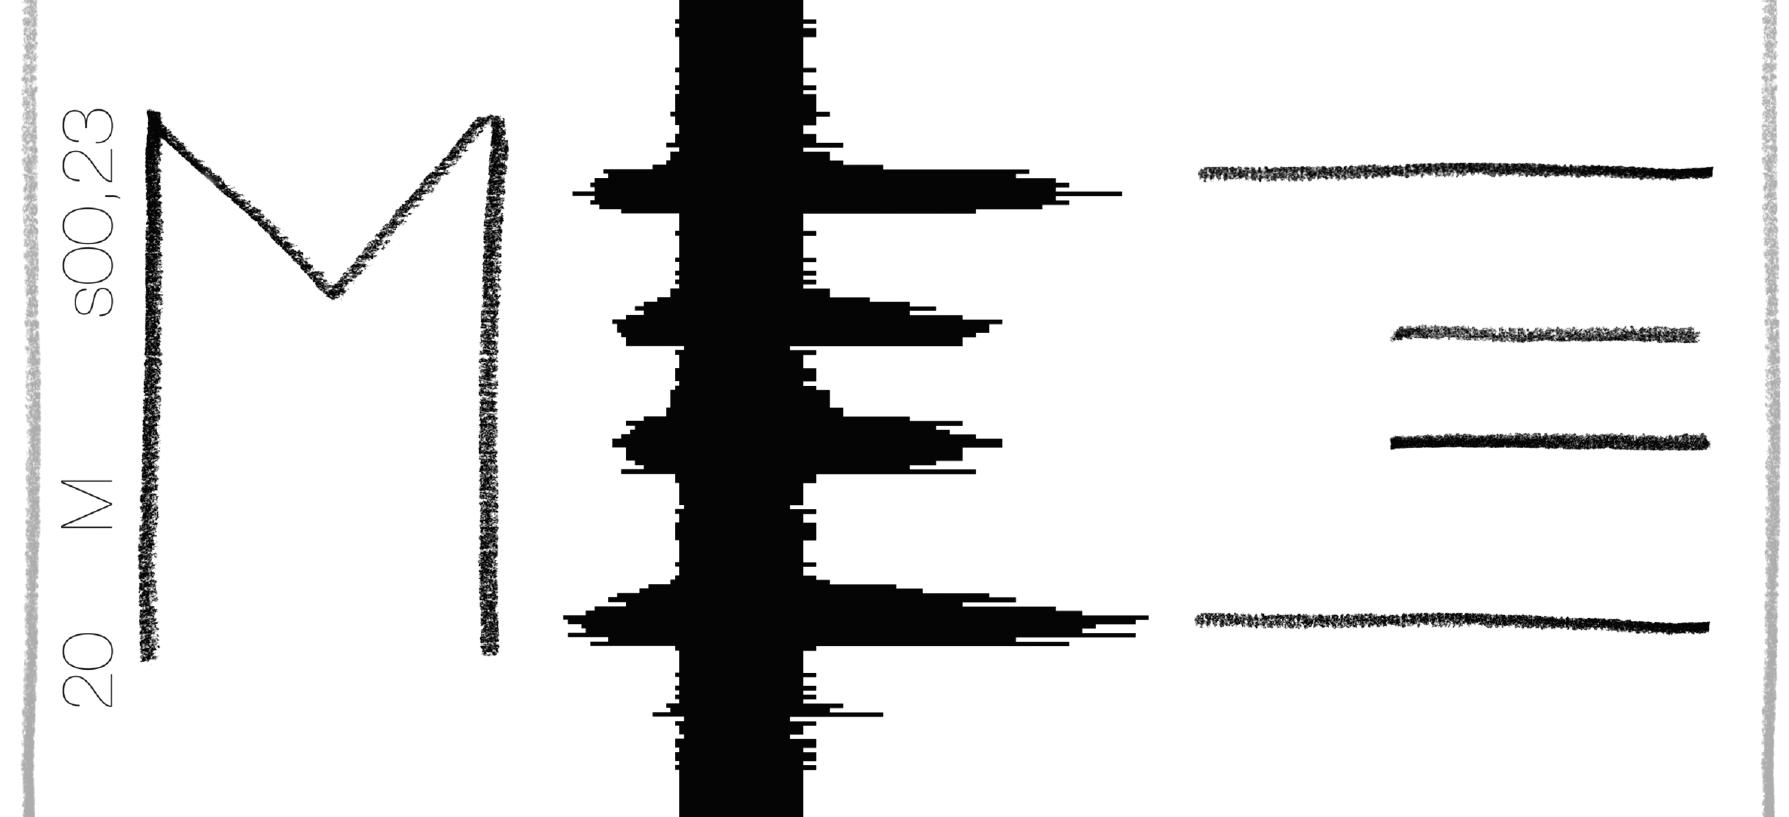 Nelly Geburtig / Schrift als Ton, Ton als Schrift / Somit ist es möglich, allein von den Tönen (sowohl als Geräusch als auch bei der optischen Tonkurve) zurück auf den ursprünglichen Buchstaben schließen.